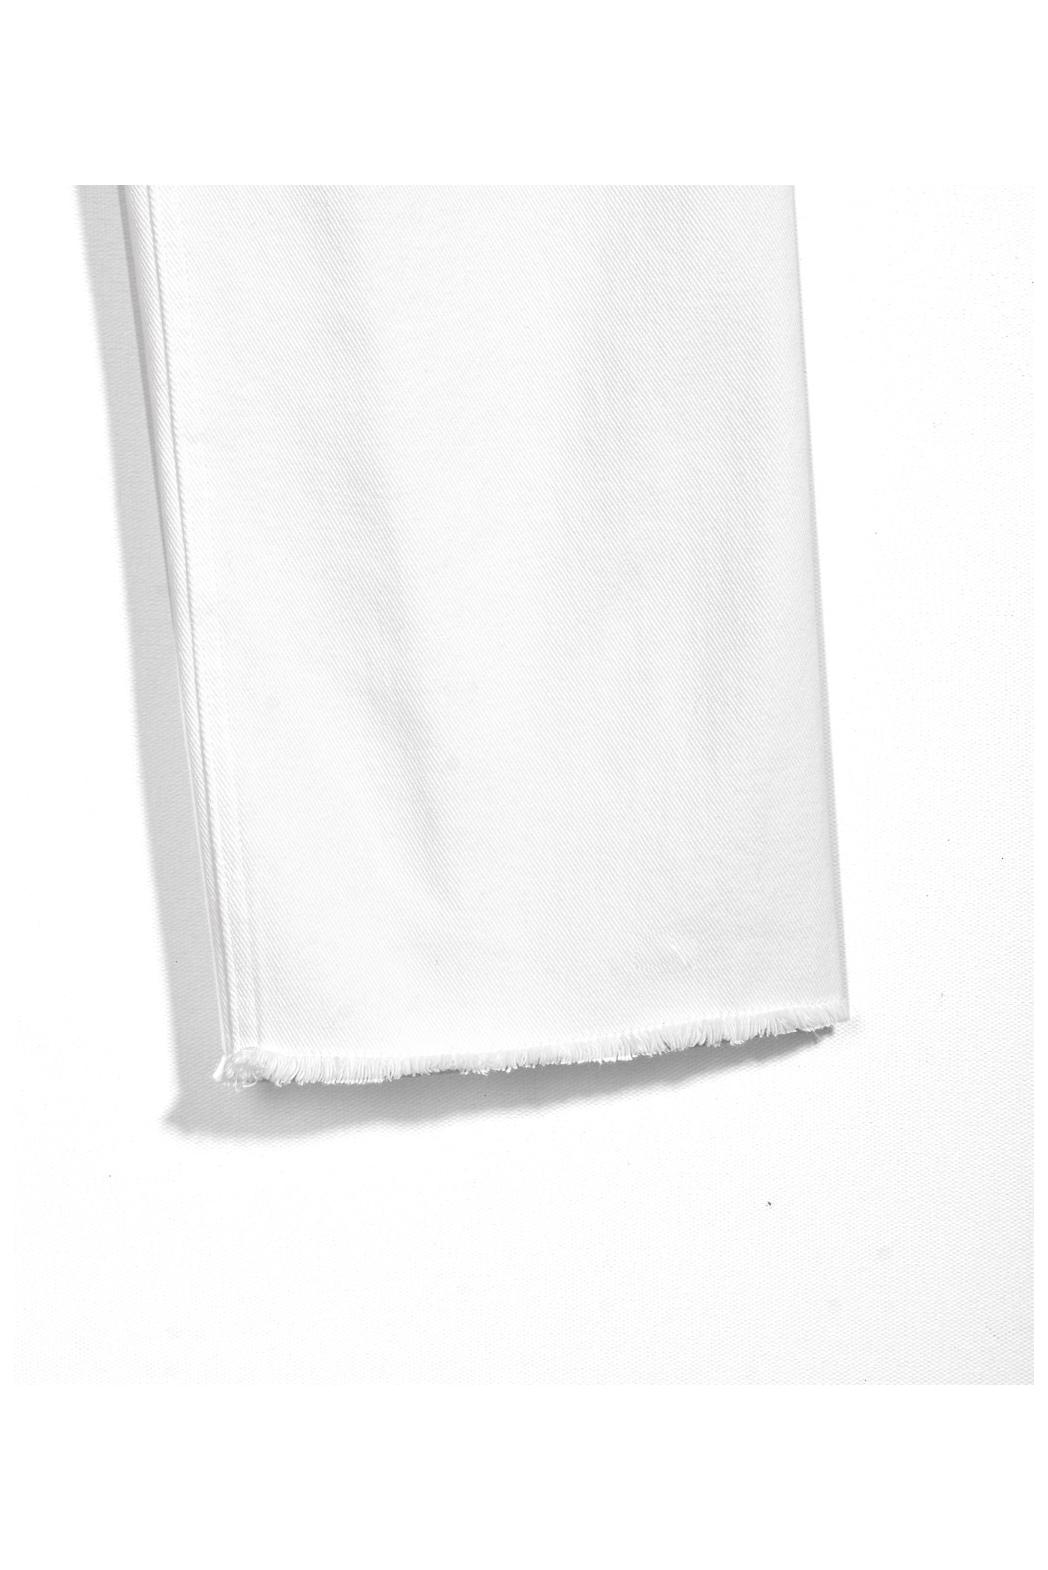 Quần jean trơn. STRAIGHT form - 10F20DPAW024